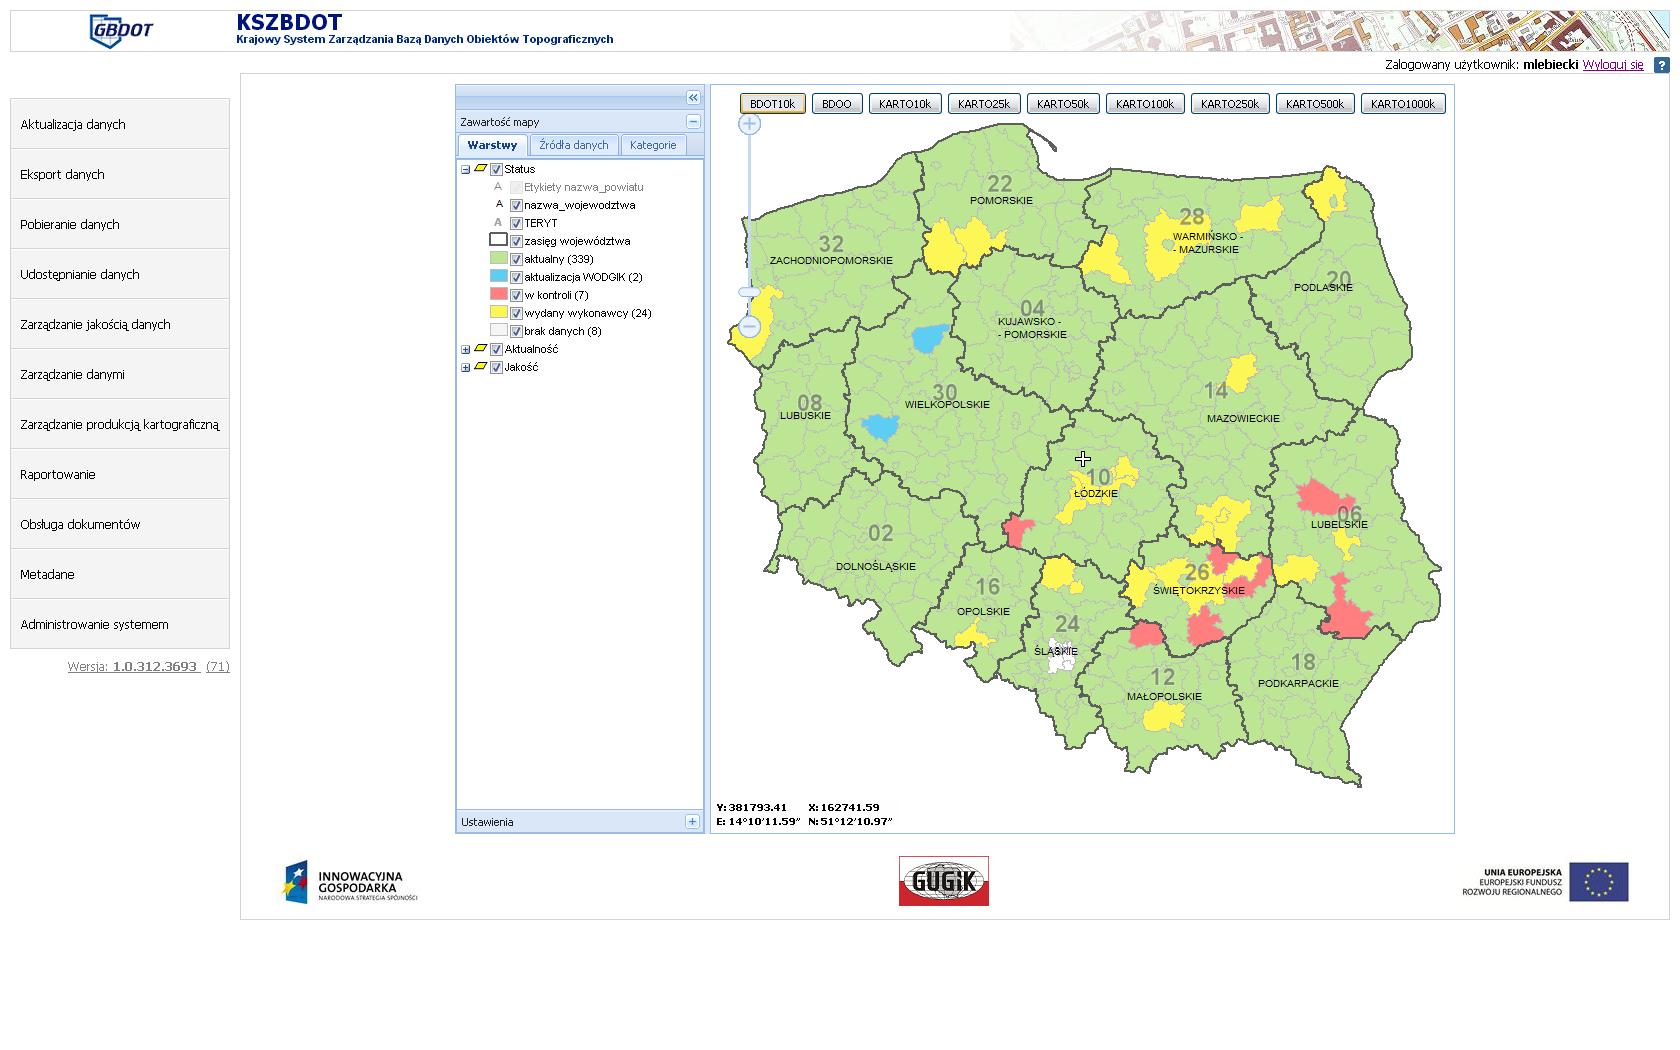 Zrzut ekranu okna KSZBDOT. Od lewej menu, po prawej okno mapy